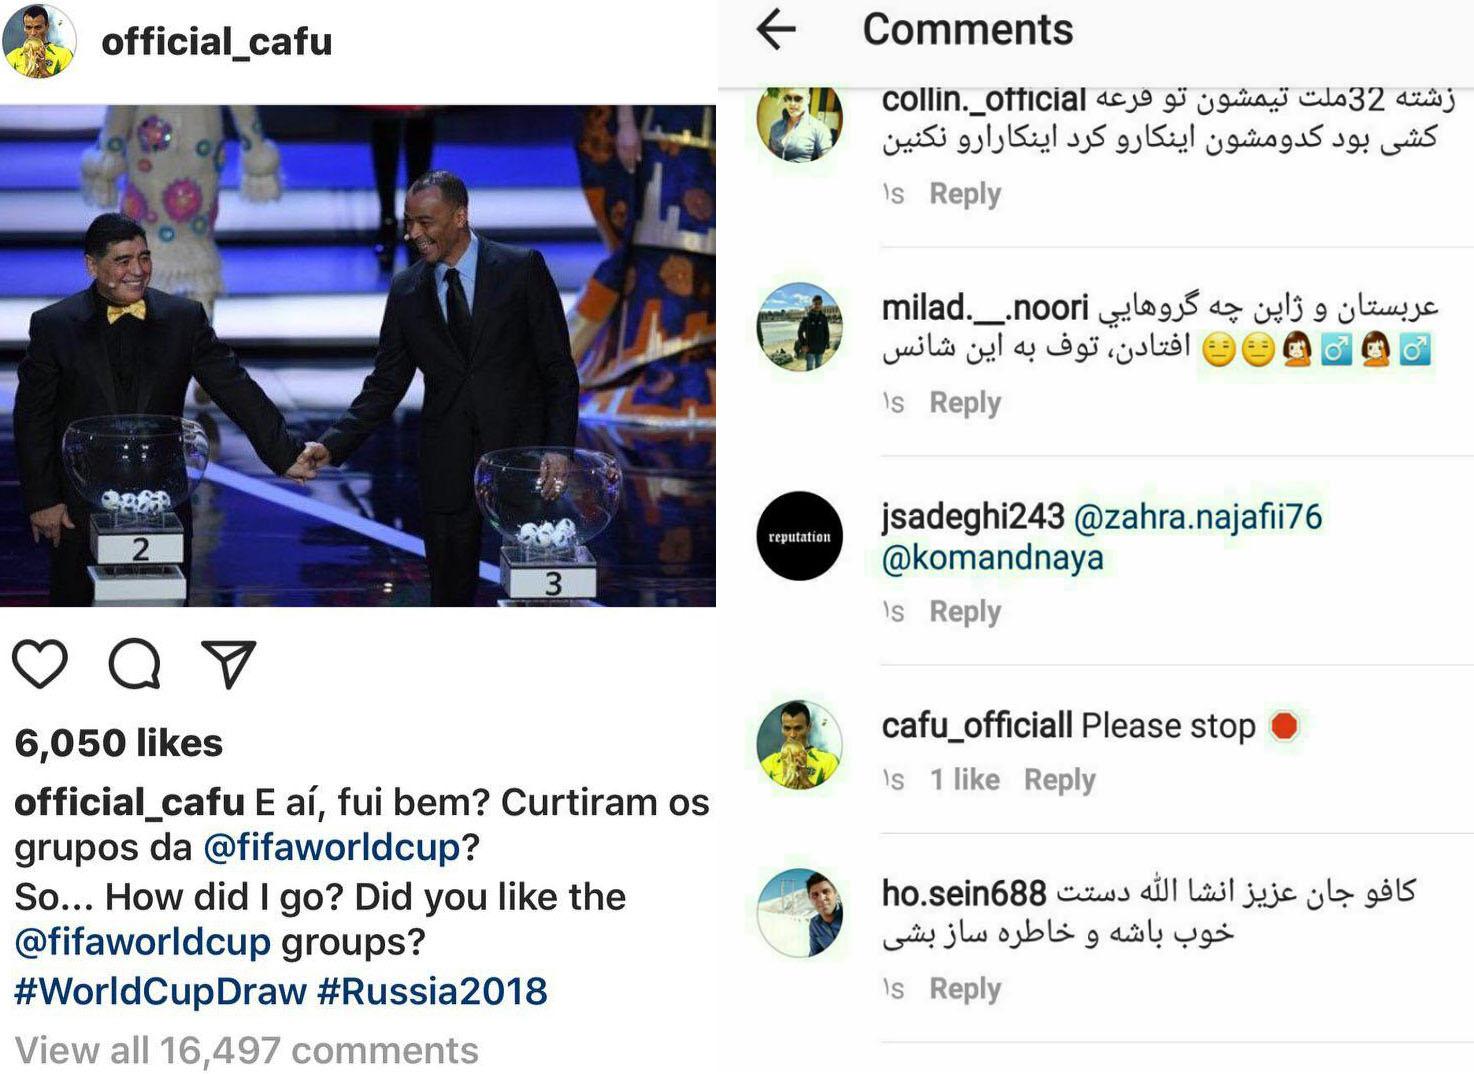 حمله کاربران ایرانی به صفحه «کافو» در اینستاگرام برای درآوردن قرعه ایران!